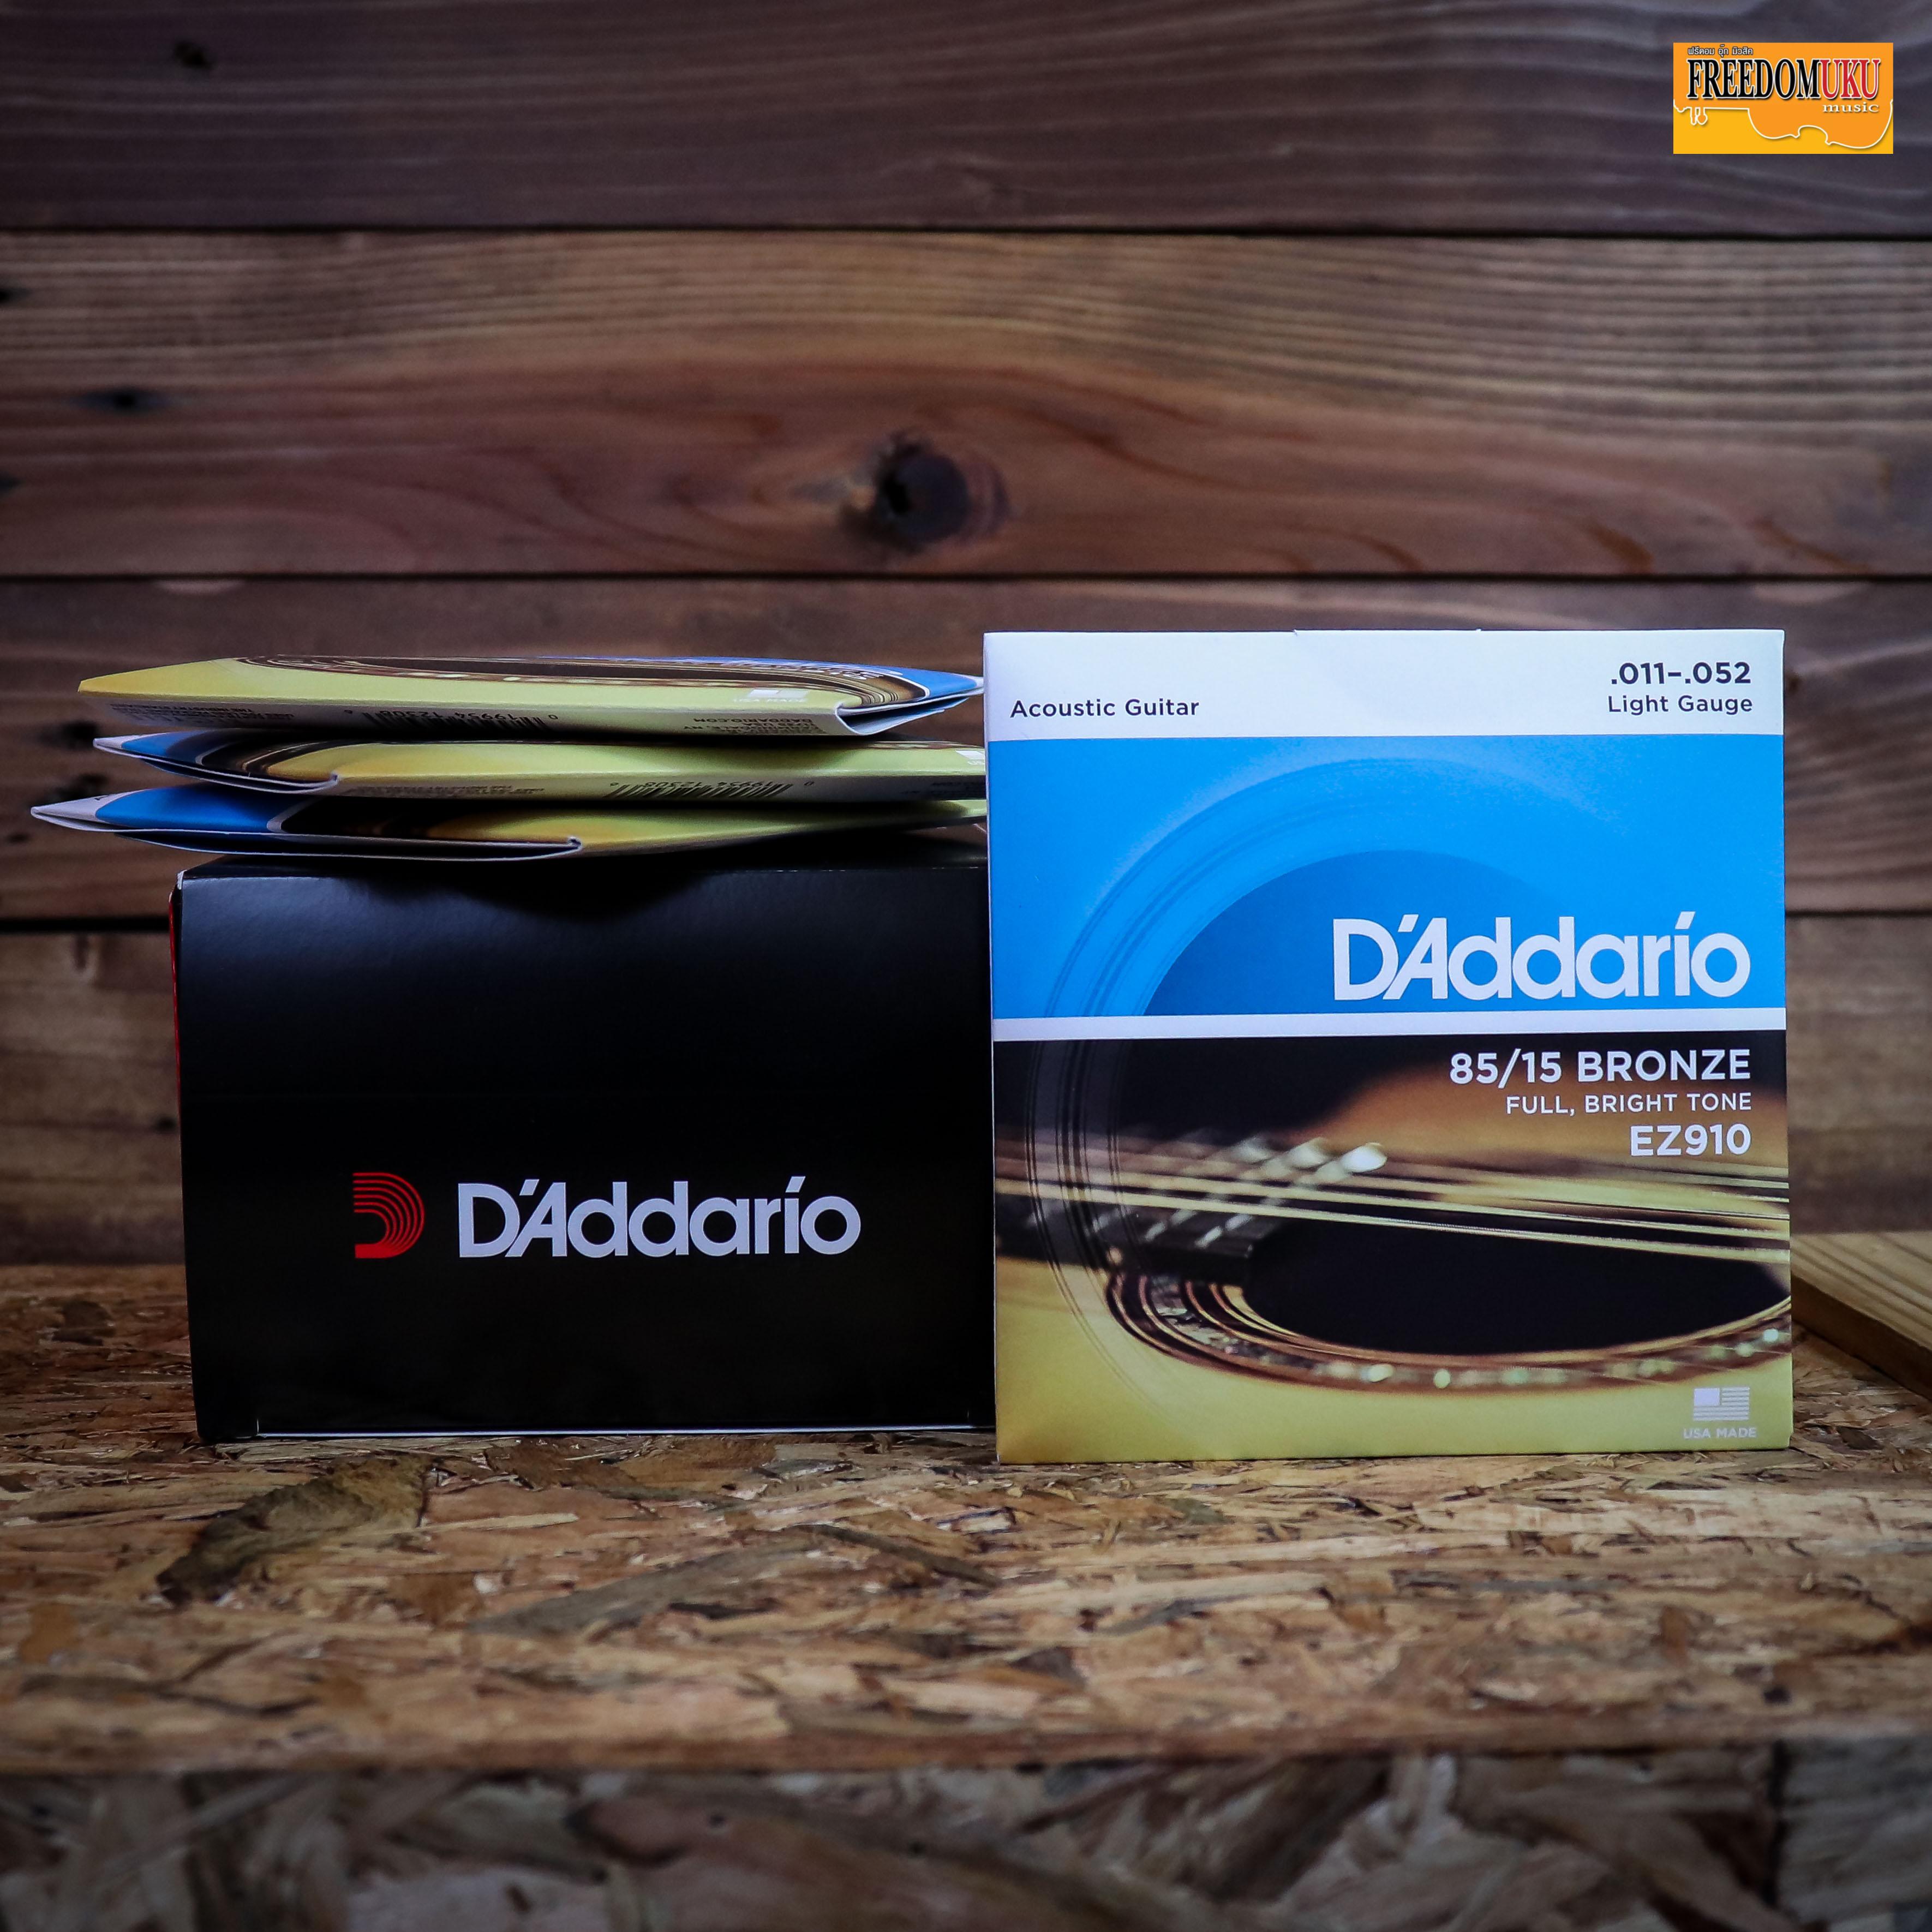 D'Addario สายกีต้าร์โปร่ง เบอร์11 รุ่น EZ910